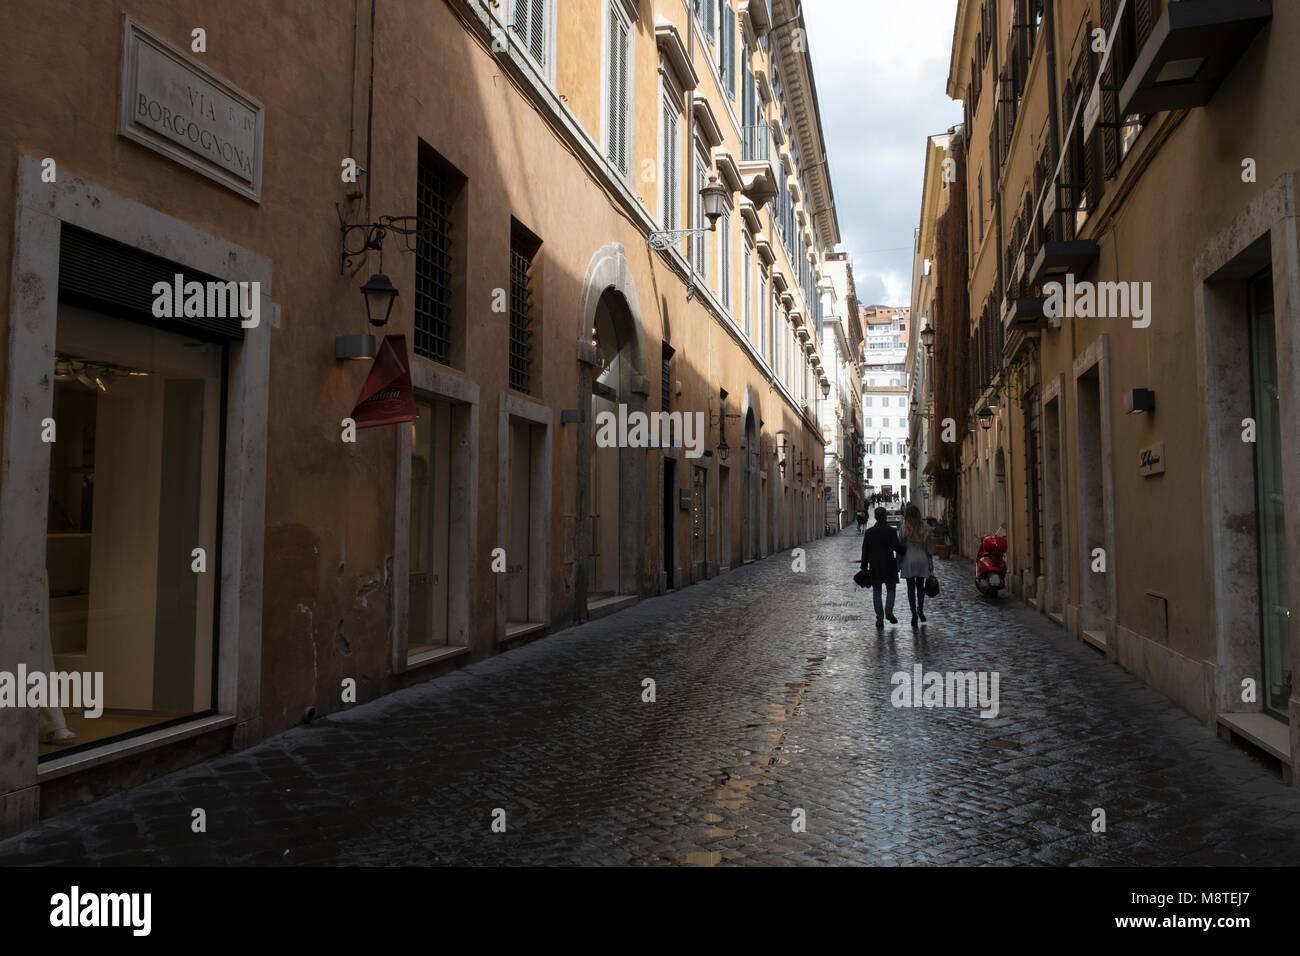 Via Borgognona, Rom, Italien Stockbild